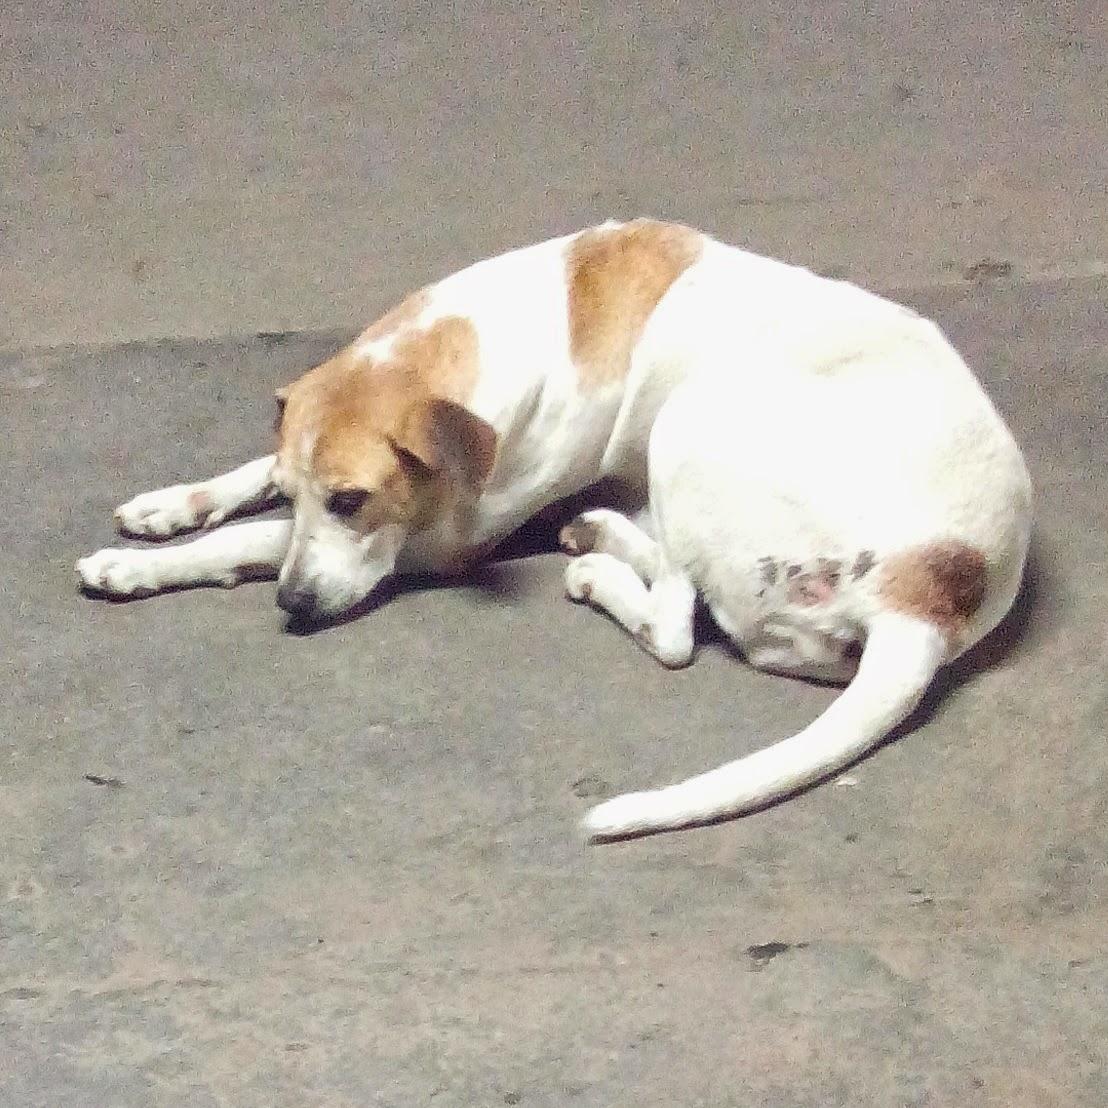 dog sleeping peacefully photo